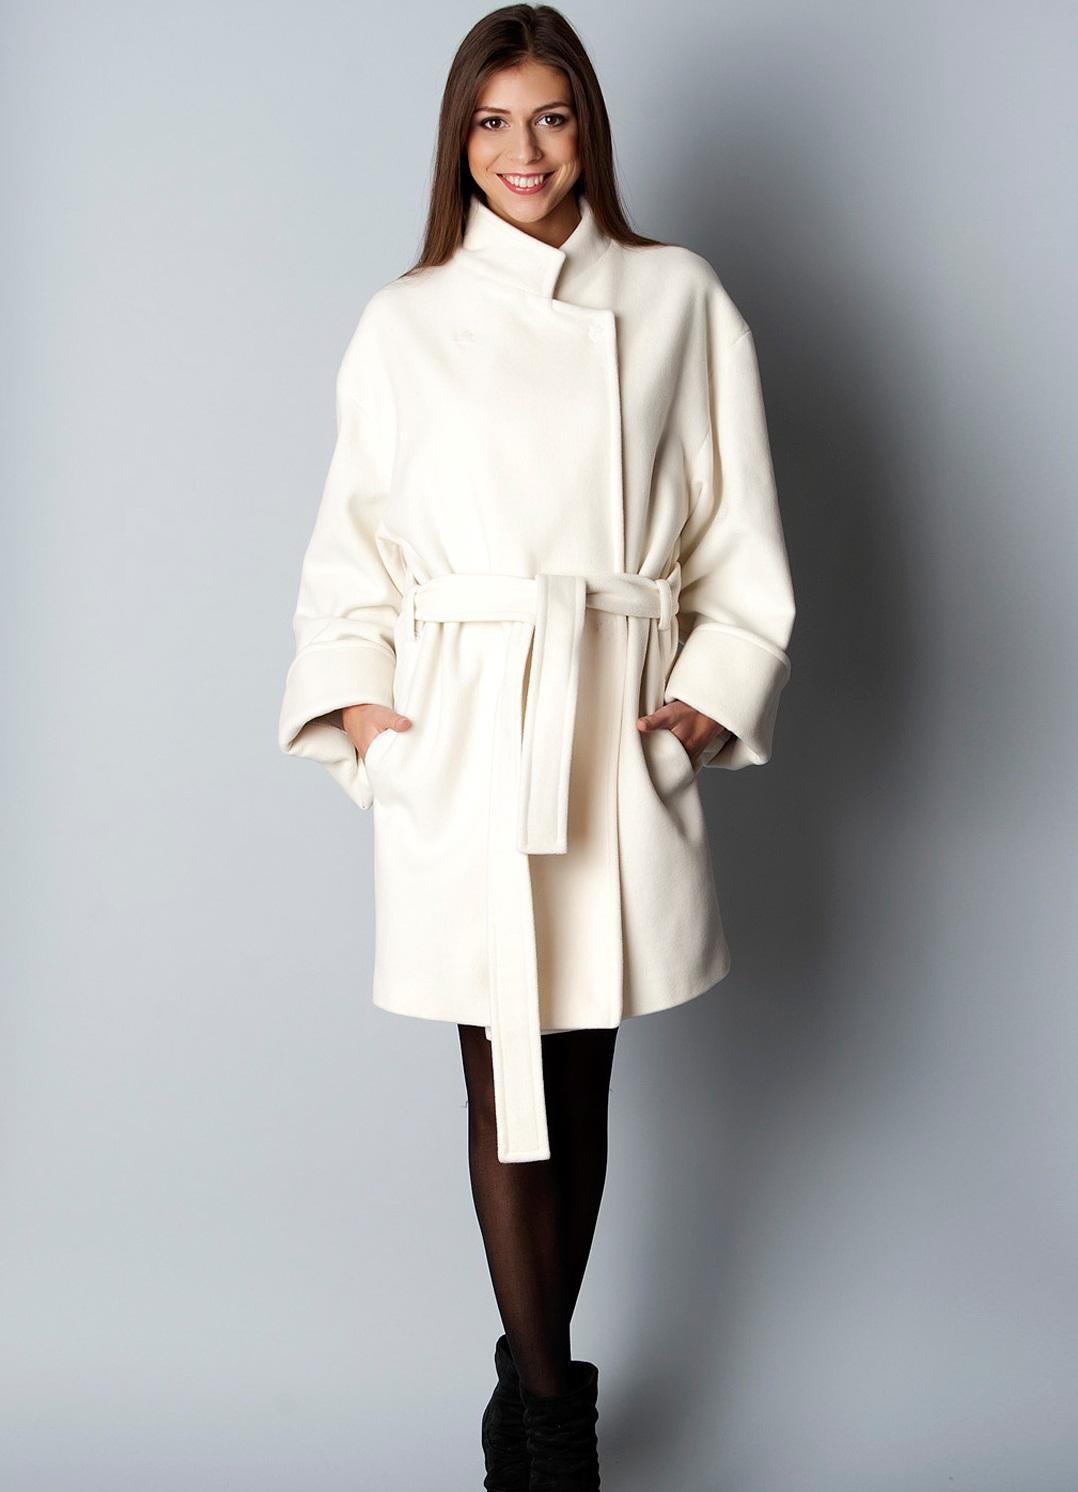 d7b9acb3d2a ... пальто коллекции весна 2014 2 ...